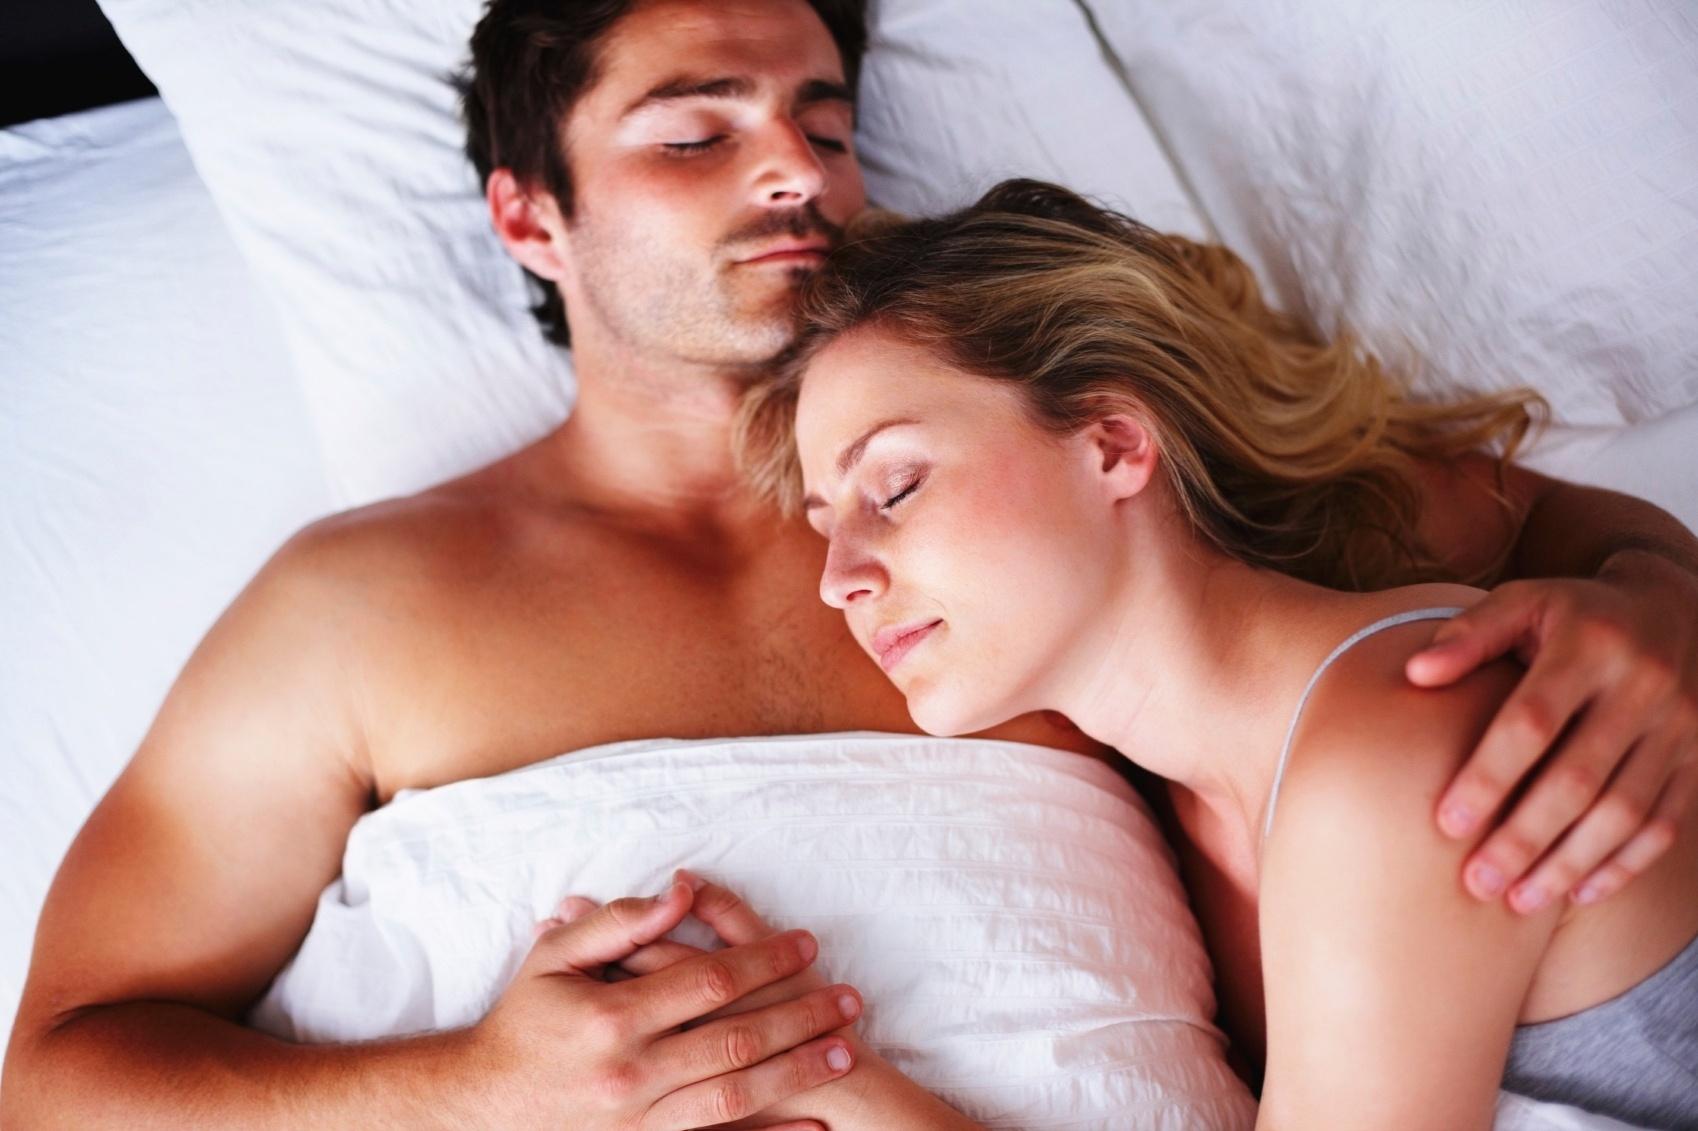 8dd0acef2c1da7 Dormir pelado aumenta fertilidade masculina, diz estudo - 20/10/2015 ...